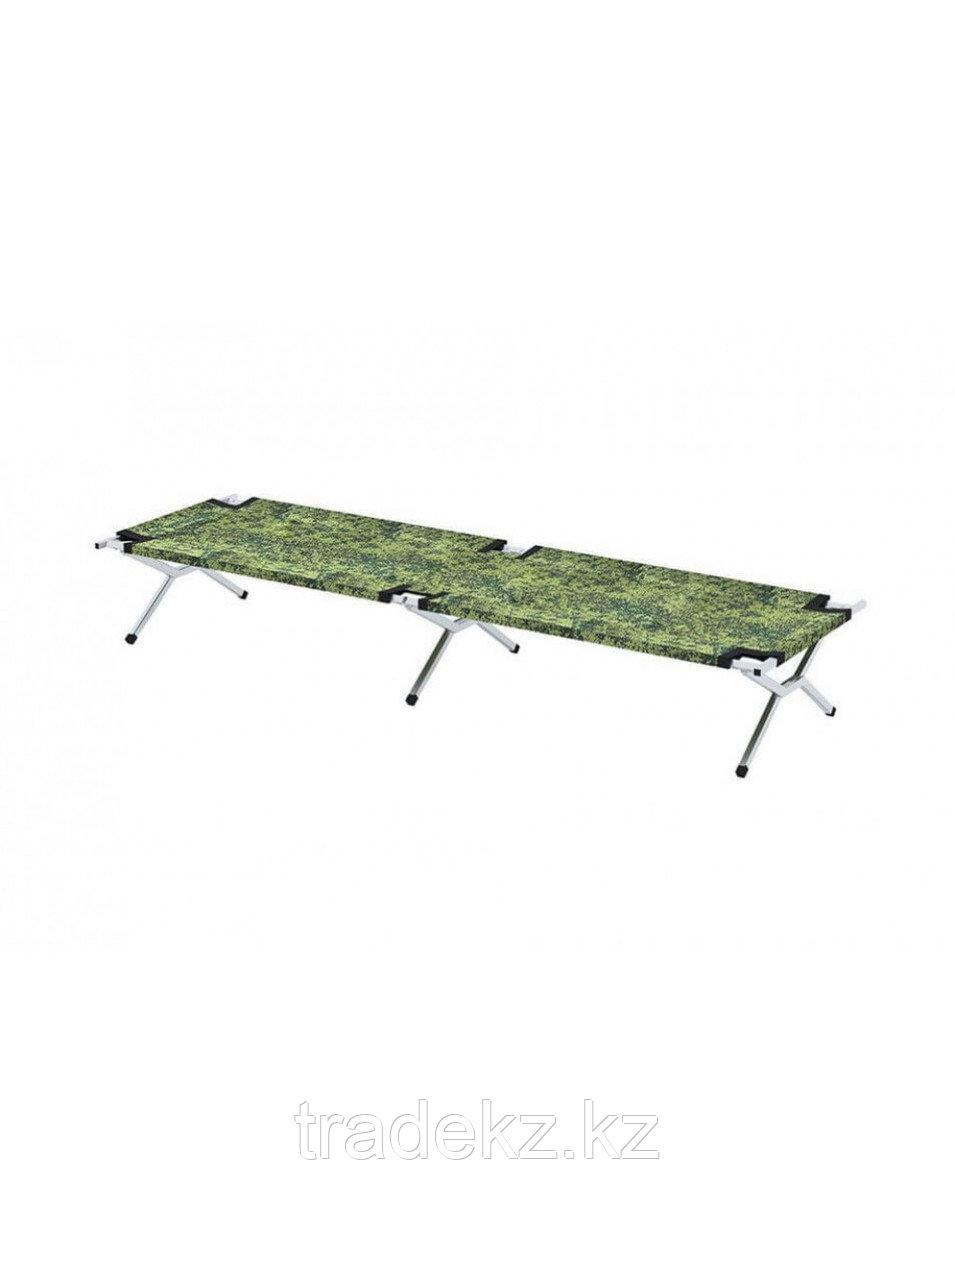 Раскладушка кемпинговая, кровать туристическая Берег 1.9 (размер 190х65х40 см)